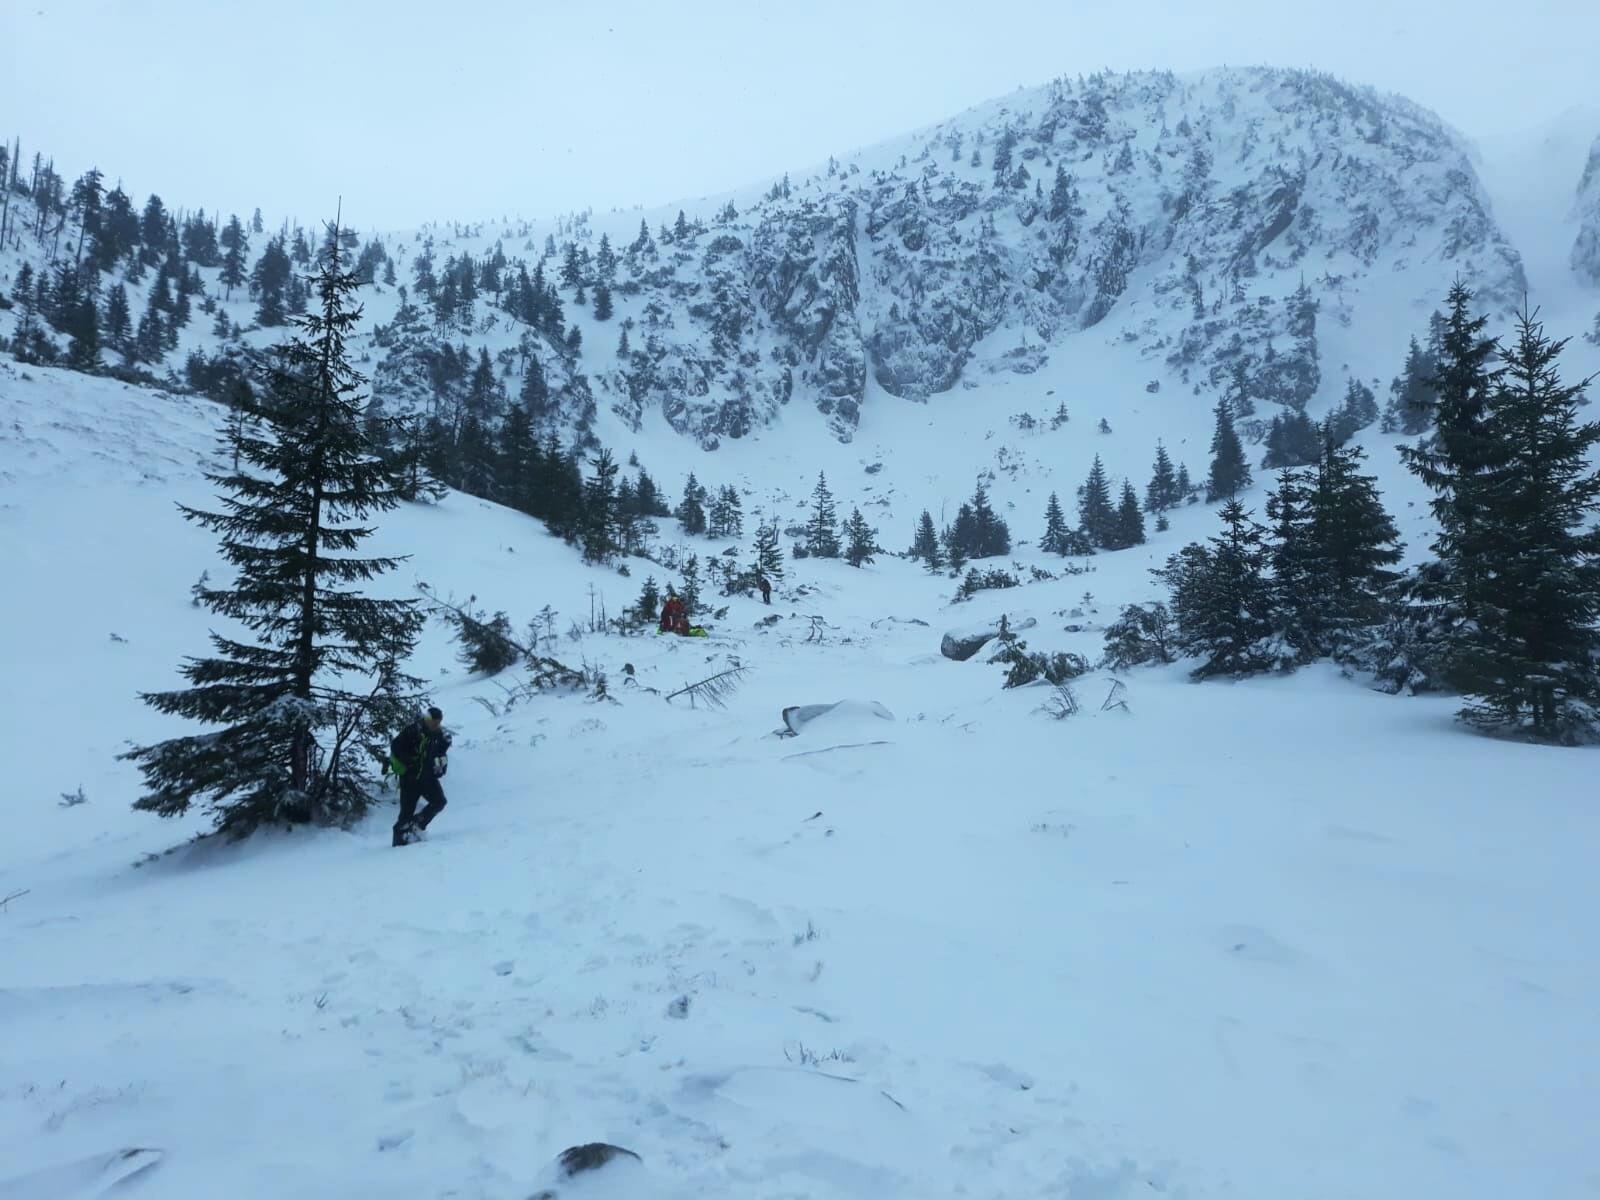 Zásah záchranářů a horské služby ve Špindlerově Mlýně po spadnutí lavin v Krkonoších<br />Autor: Archiv Horská služba Krkonoše